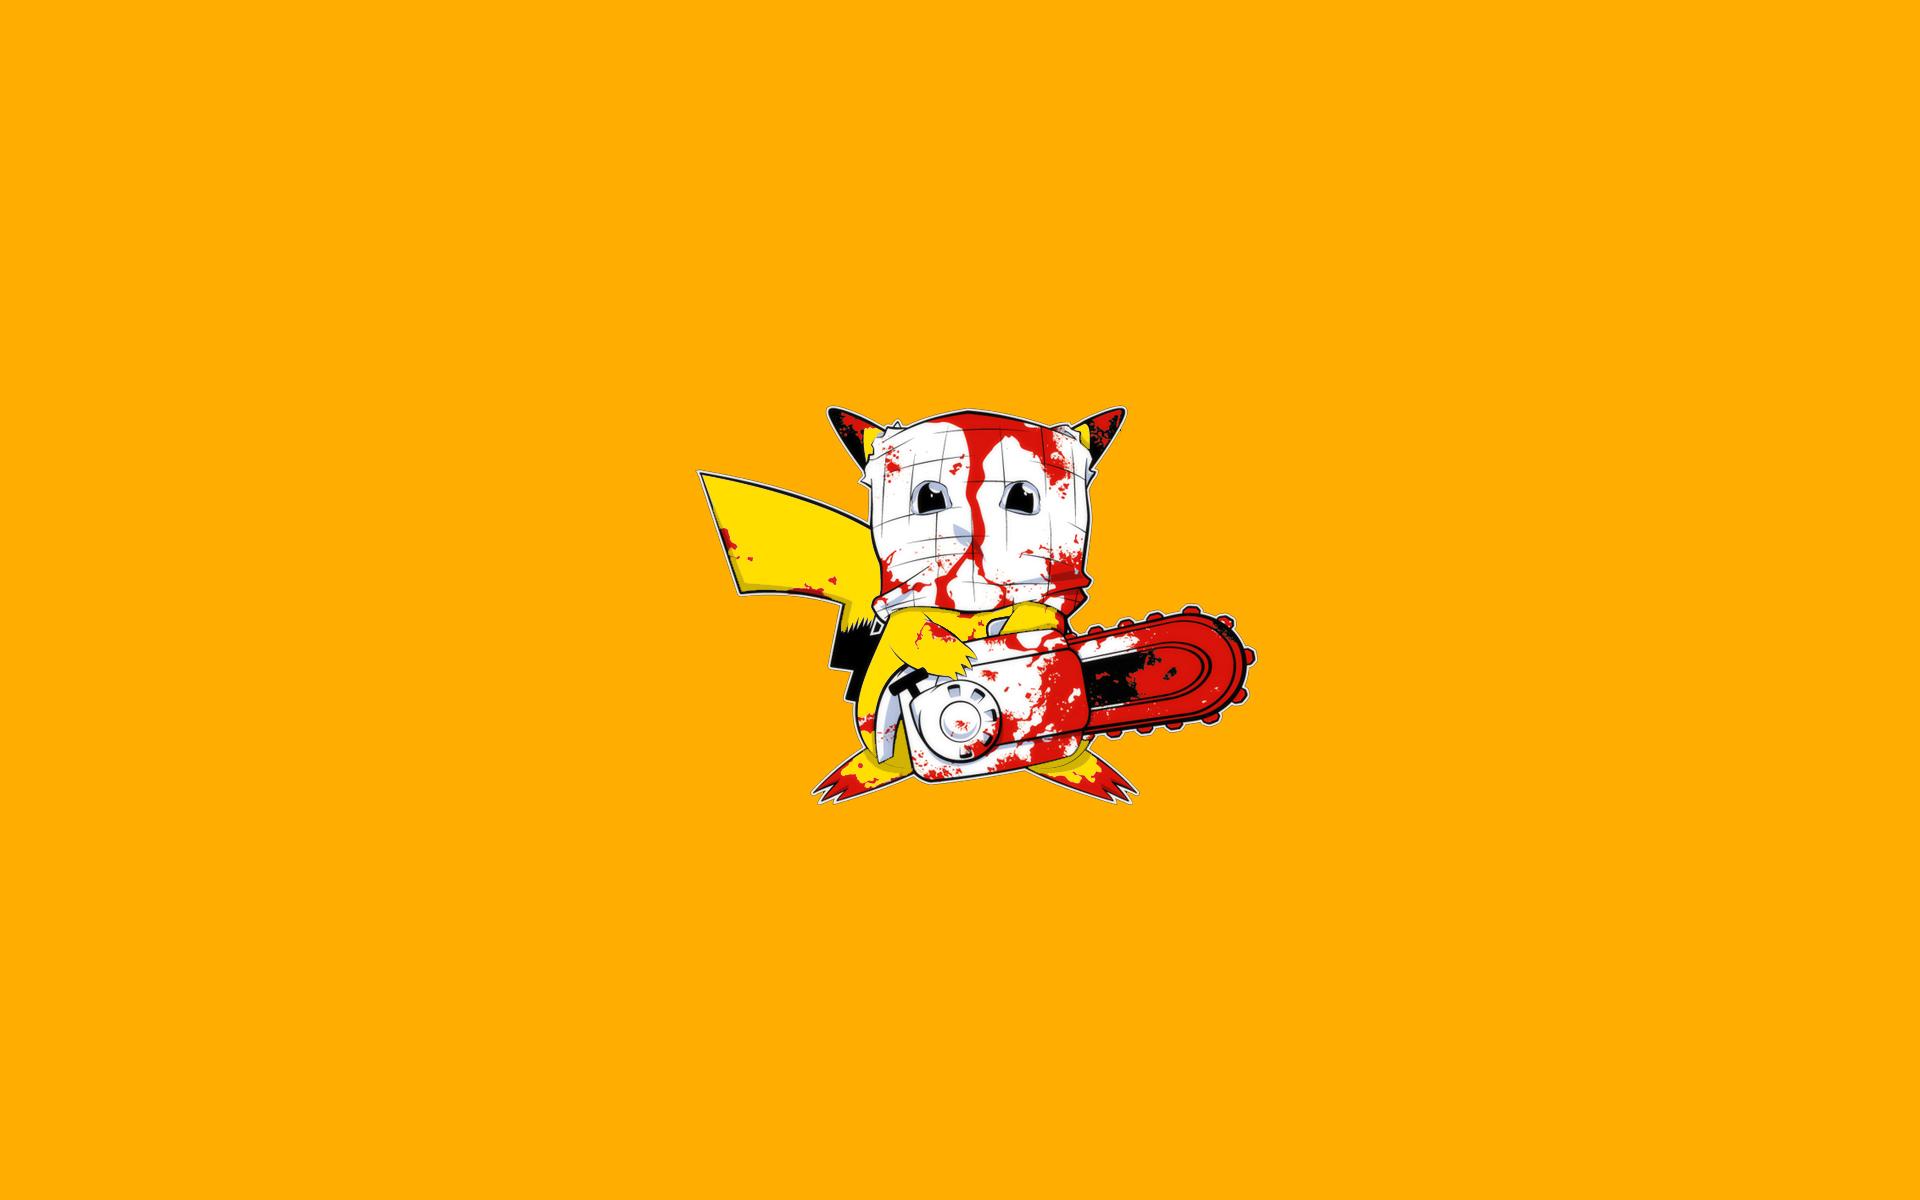 Pokemon pikachu wallpaper 1920x1200 20415 WallpaperUP 1920x1200